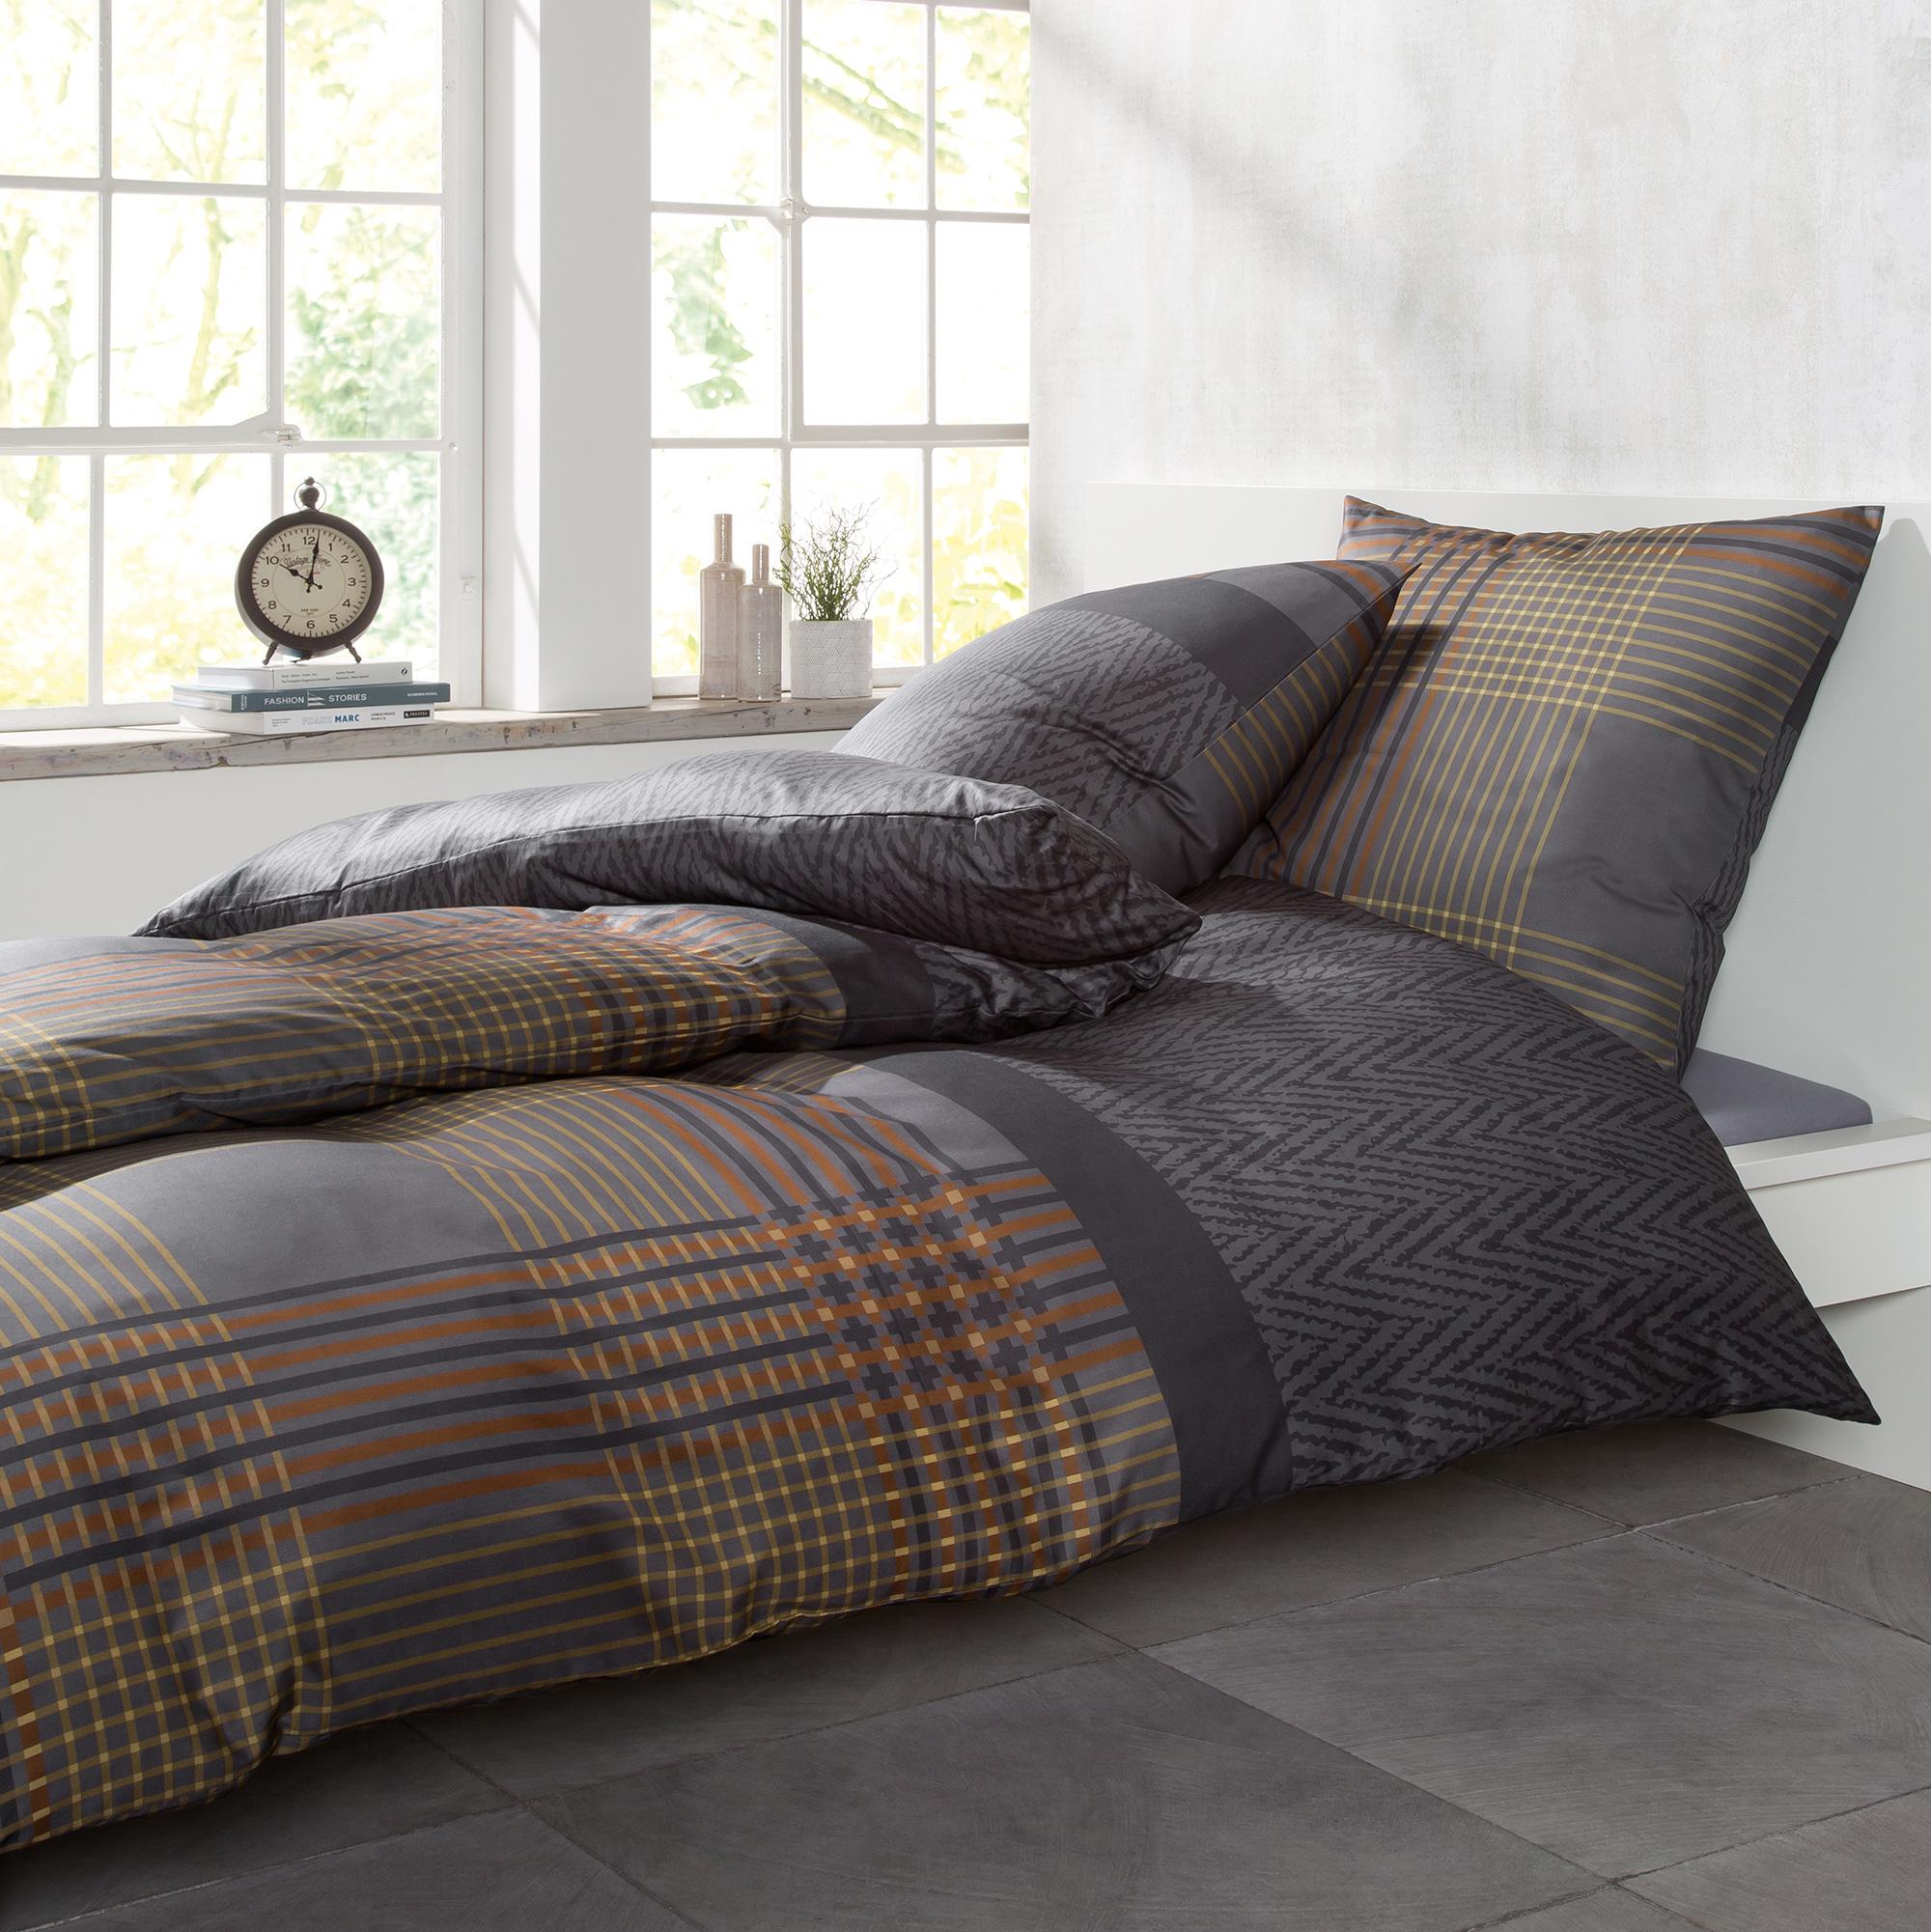 sofal ufer sesselschoner armlehnenschoner ibena online shop. Black Bedroom Furniture Sets. Home Design Ideas